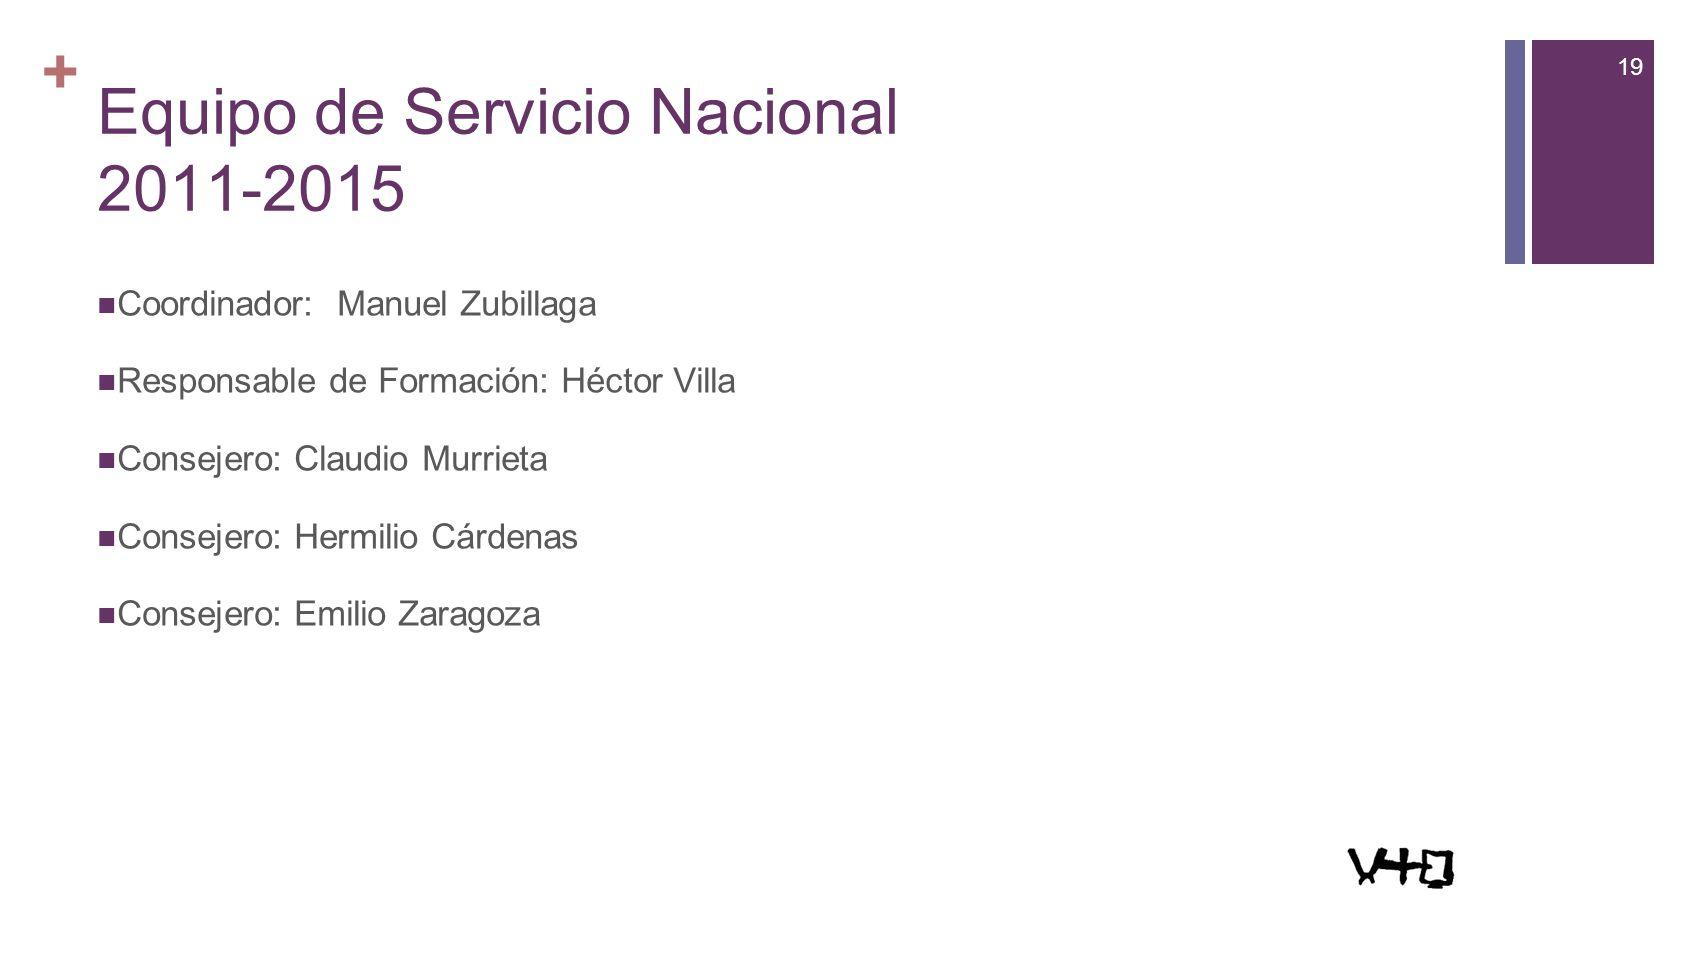 19 + Equipo de Servicio Nacional 2011-2015 Coordinador: Manuel Zubillaga Responsable de Formación: Héctor Villa Consejero: Claudio Murrieta Consejero: Hermilio Cárdenas Consejero: Emilio Zaragoza